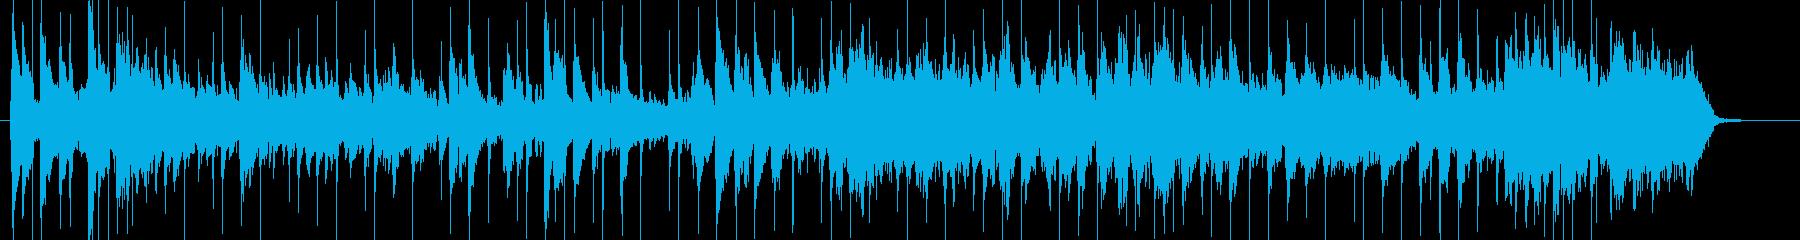 70sニューミュージック渋いギターソロの再生済みの波形